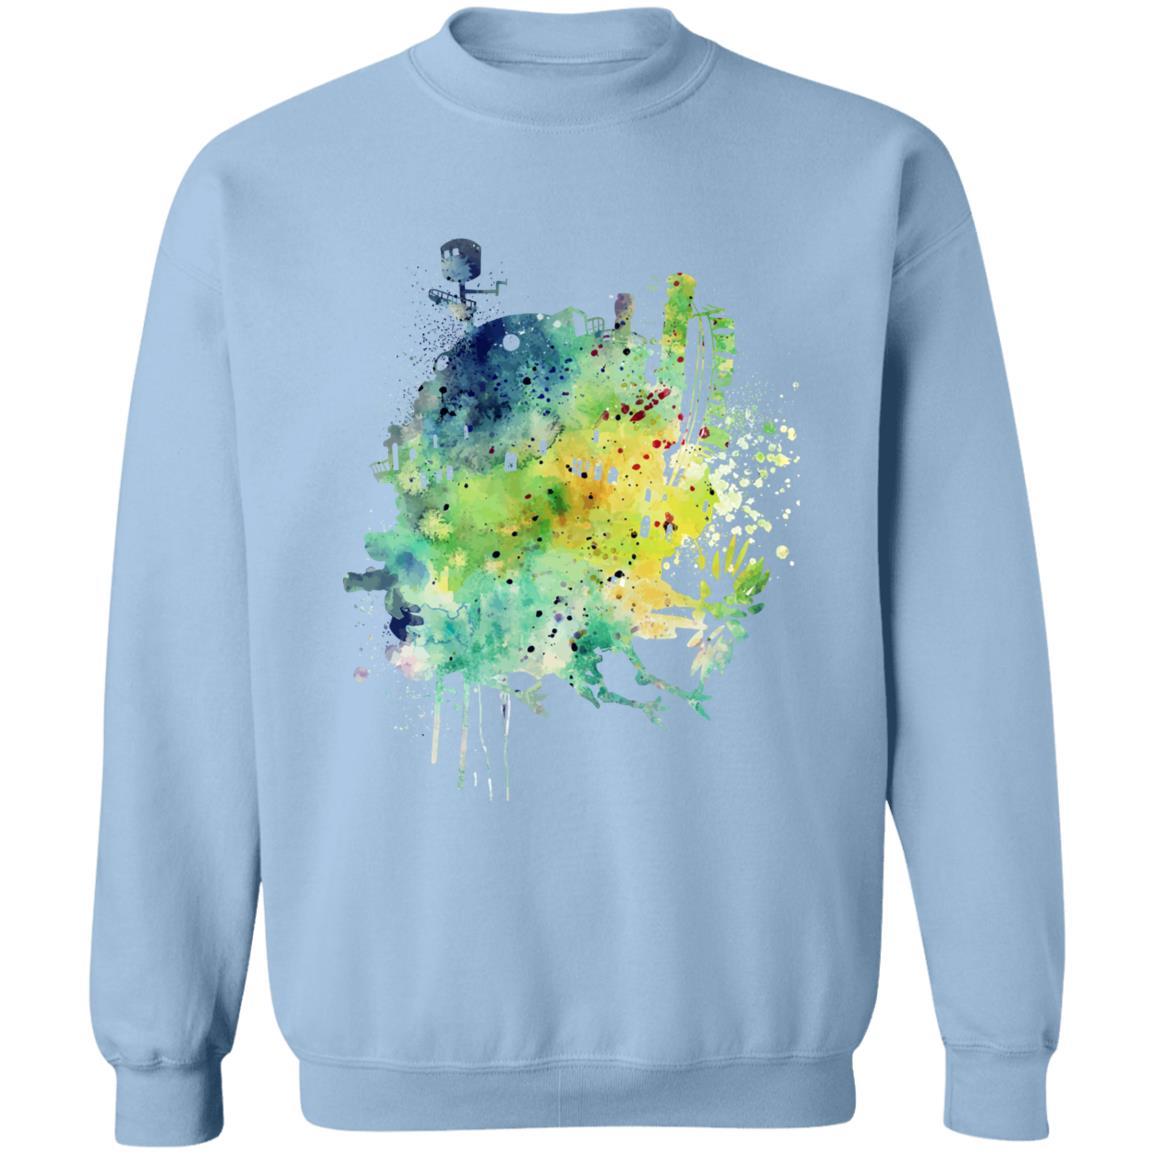 Howl's Moving Castle Colorful Castle Sweatshirt